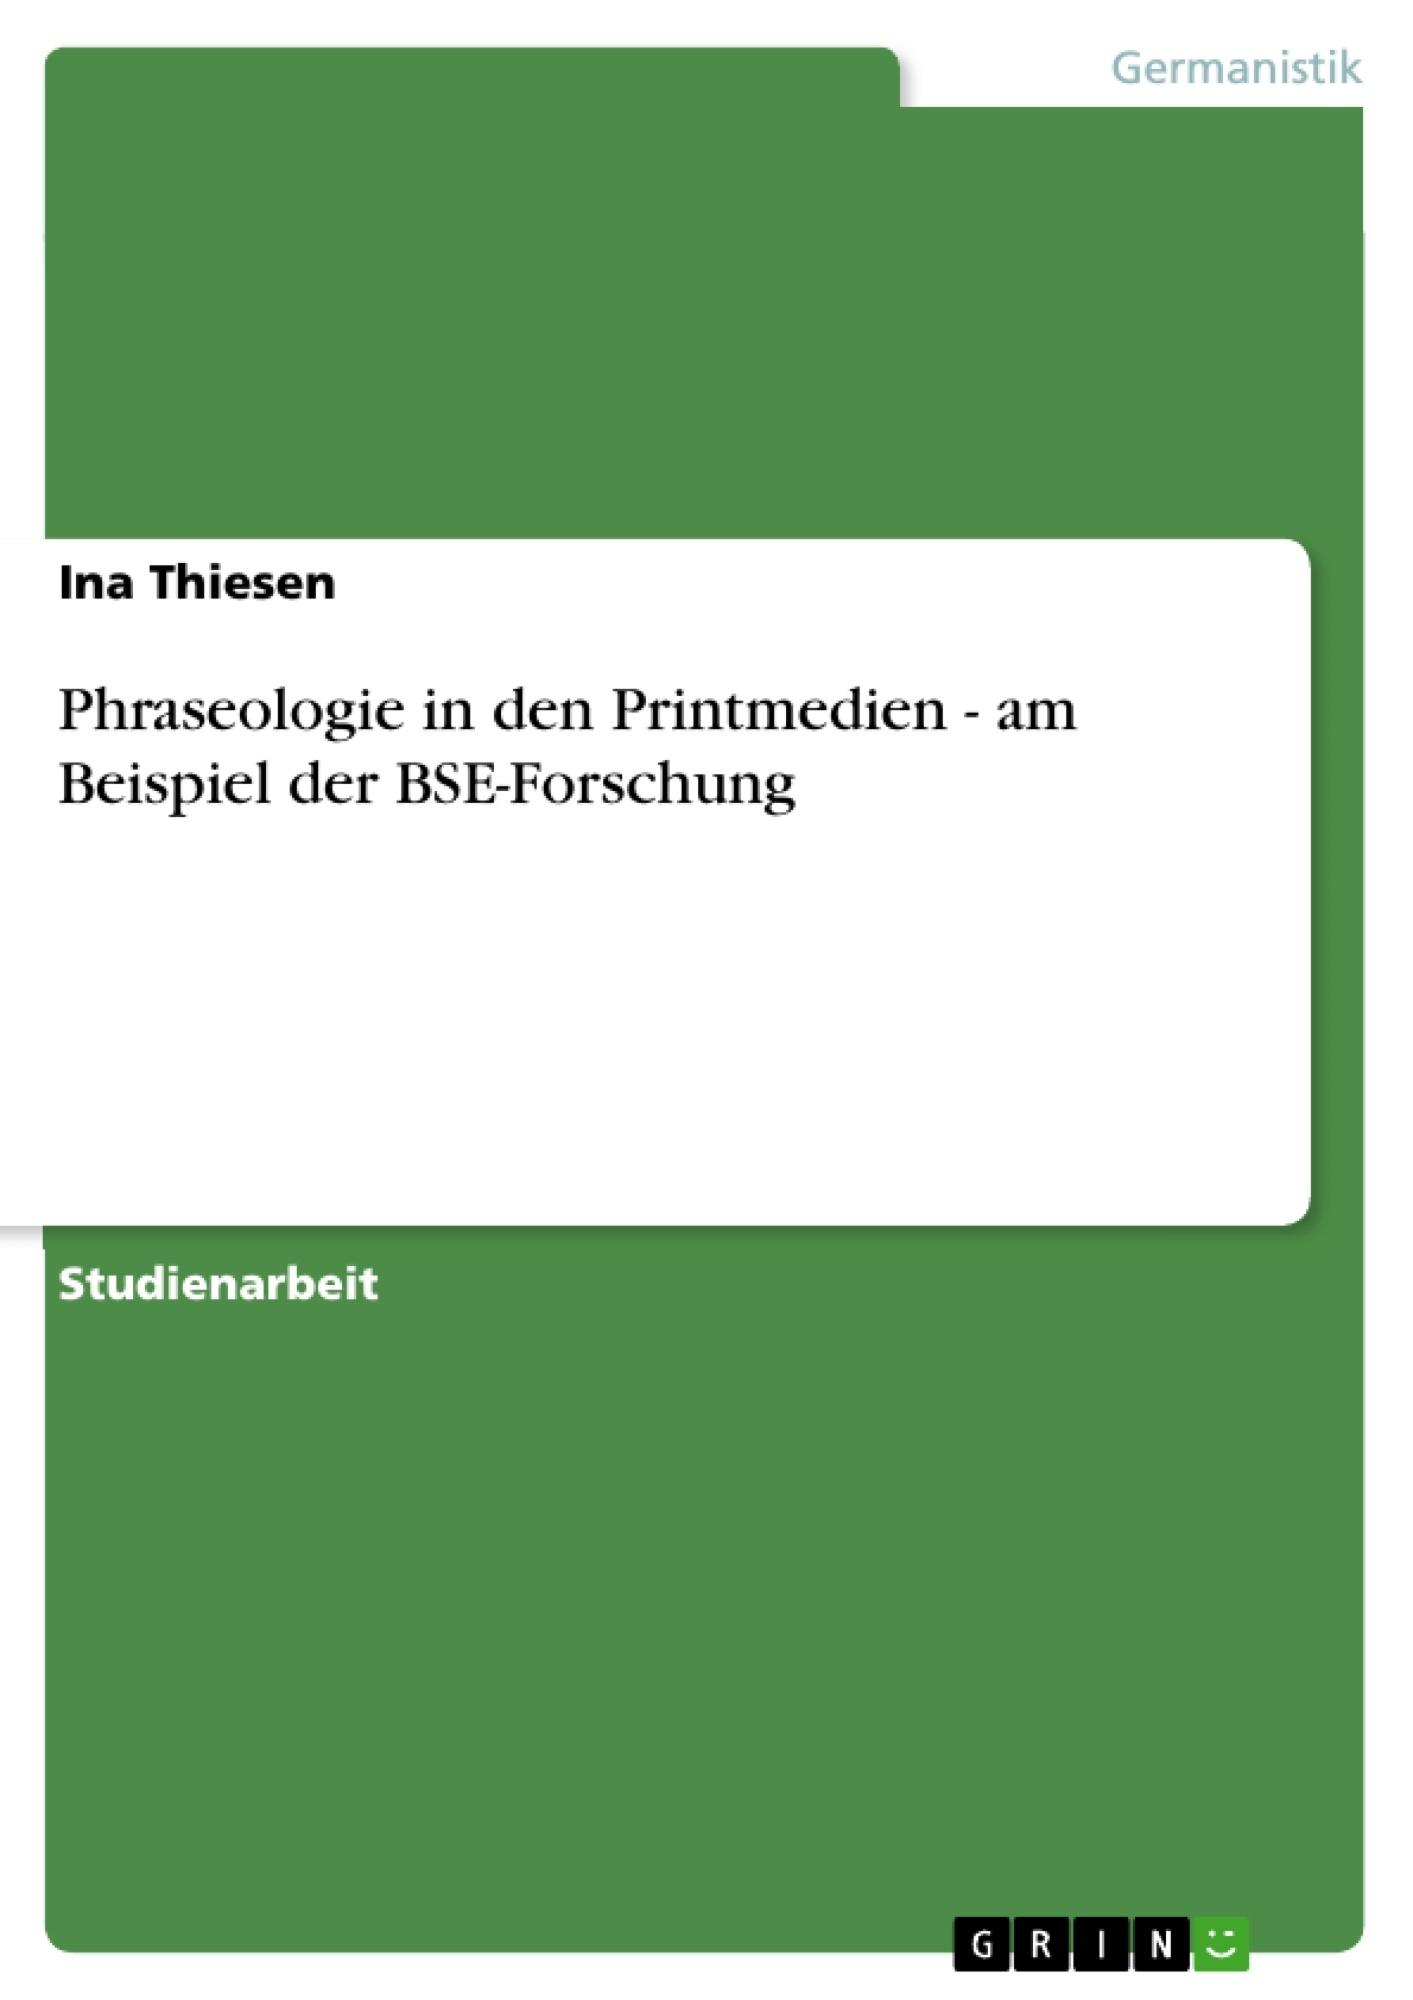 Titel: Phraseologie in den Printmedien - am Beispiel der BSE-Forschung